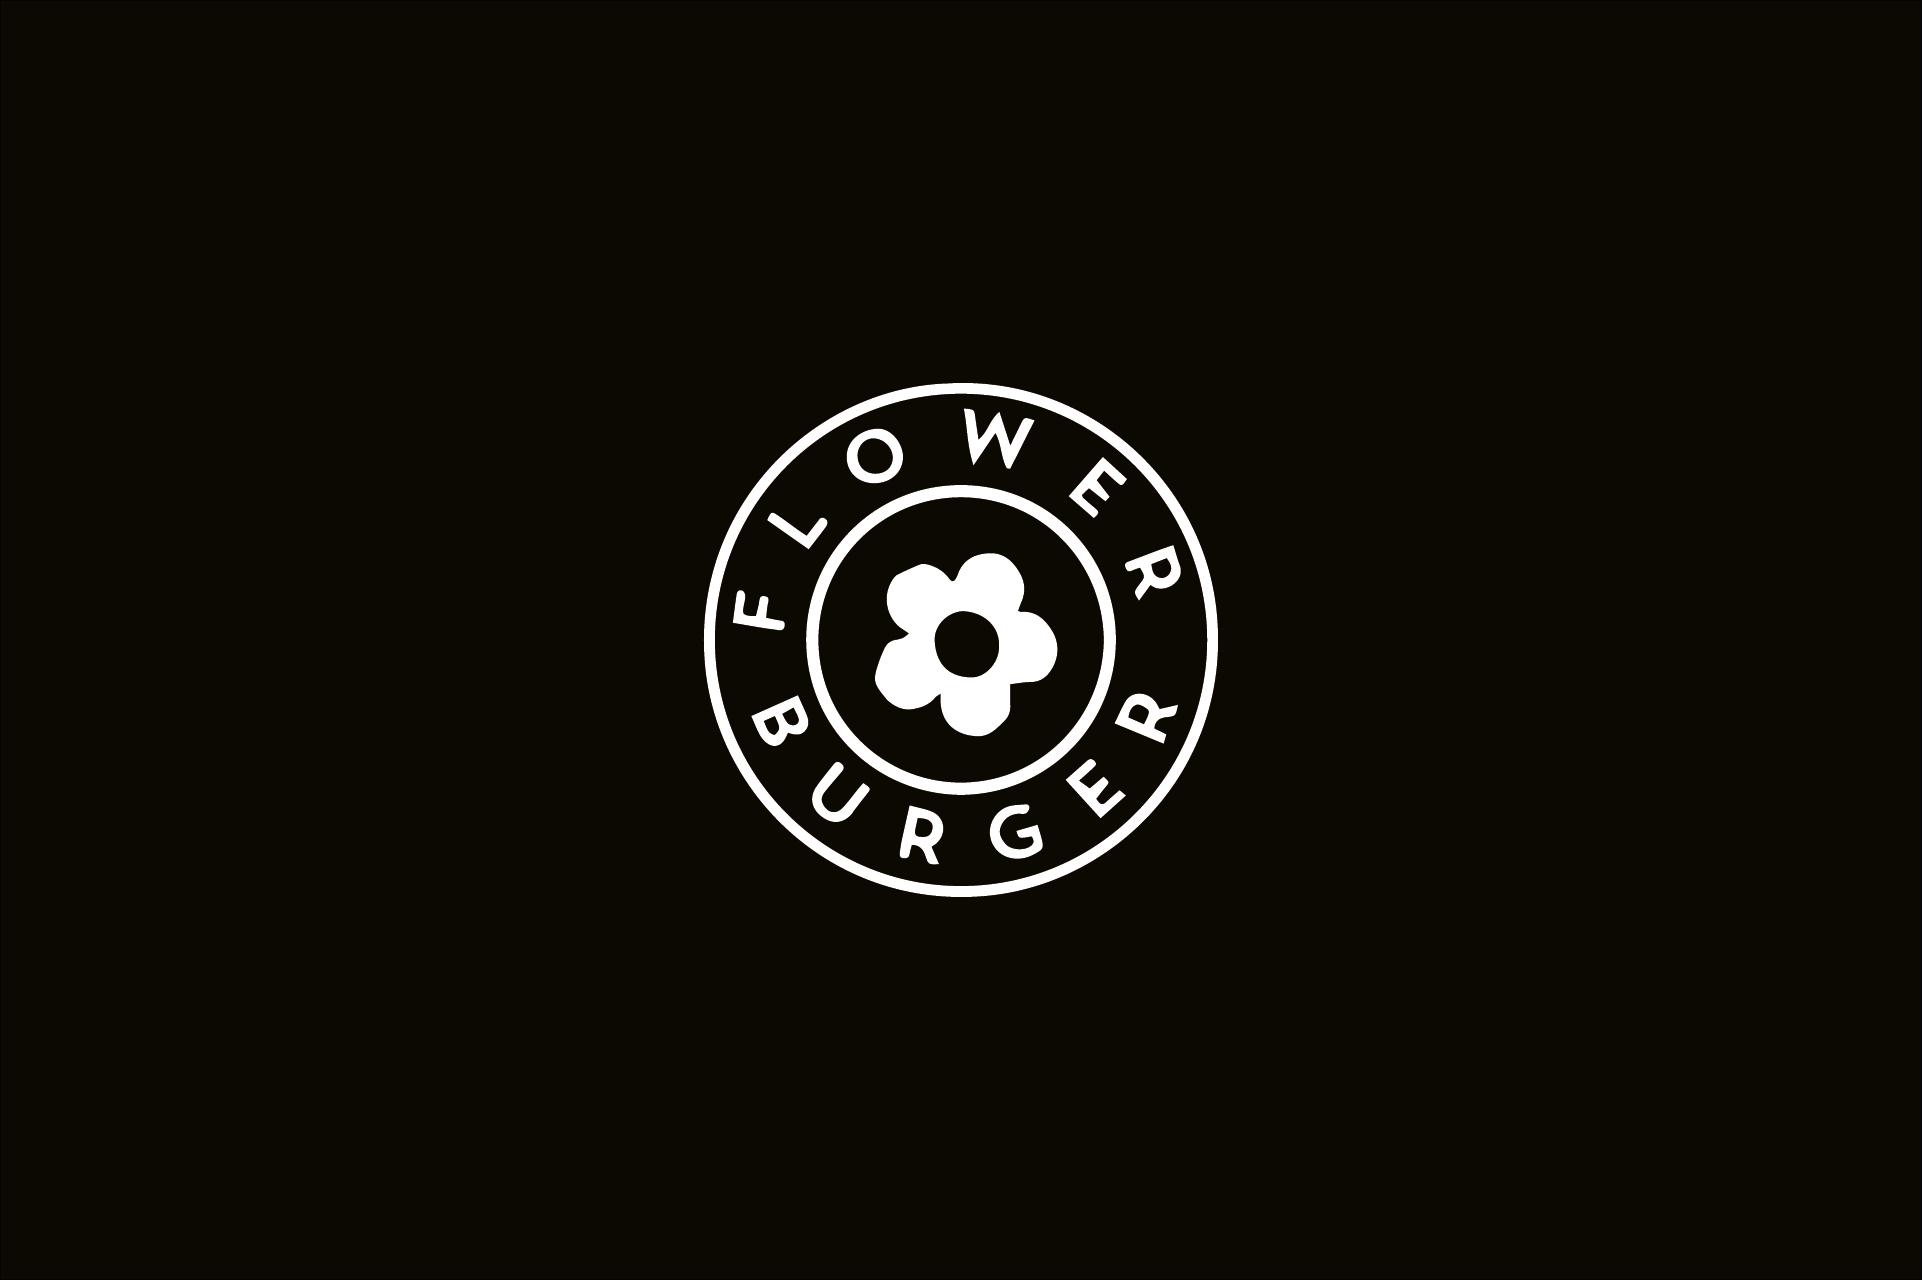 Flowerburger